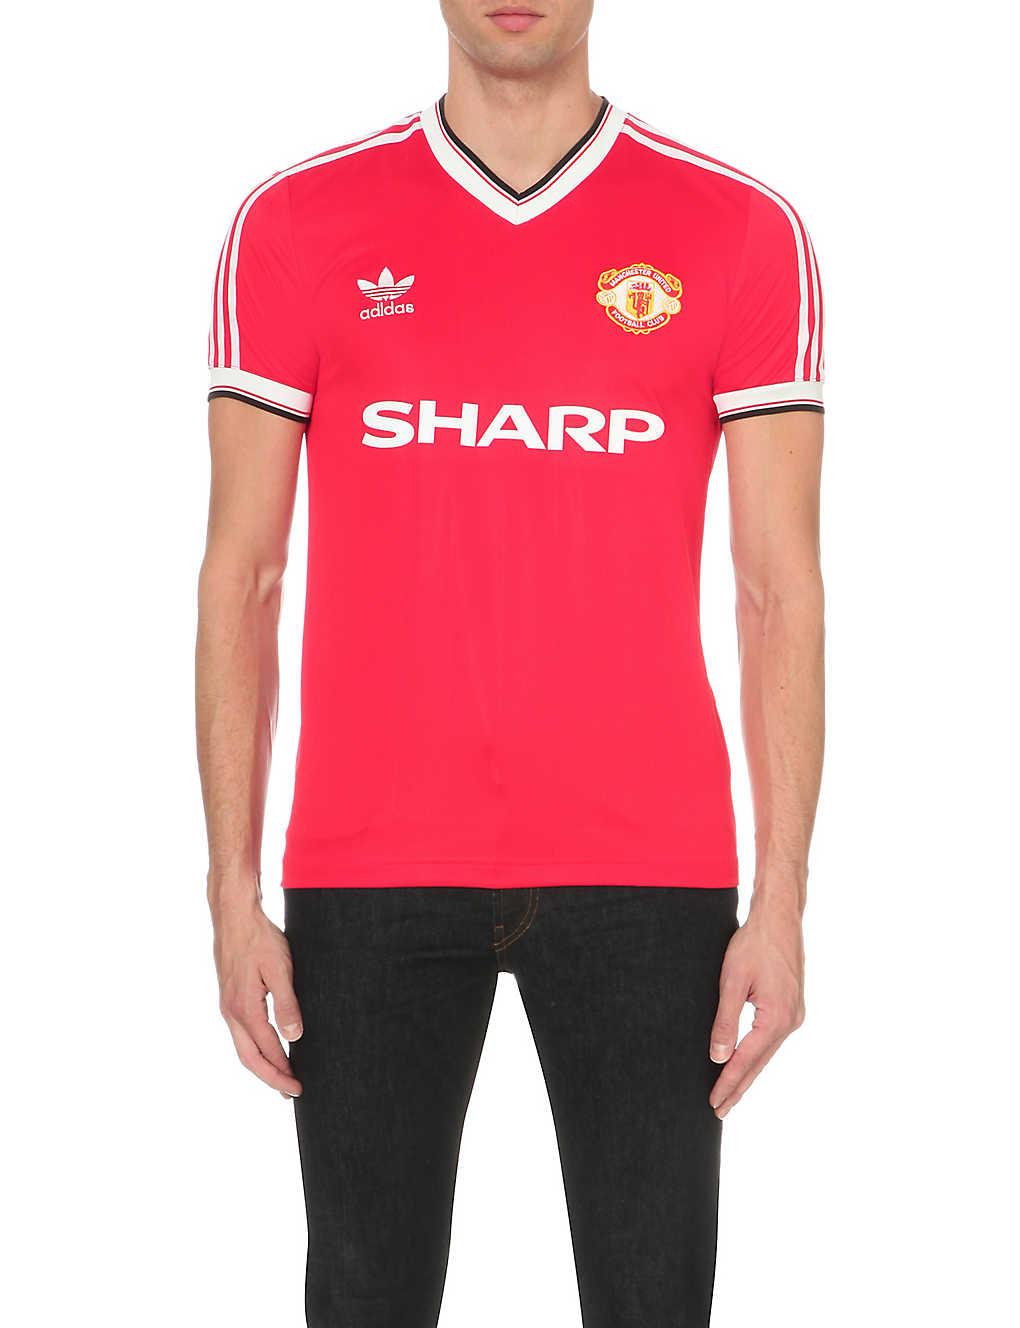 97dd206d9 ADIDAS - Manchester United 1984 jersey T-shirt